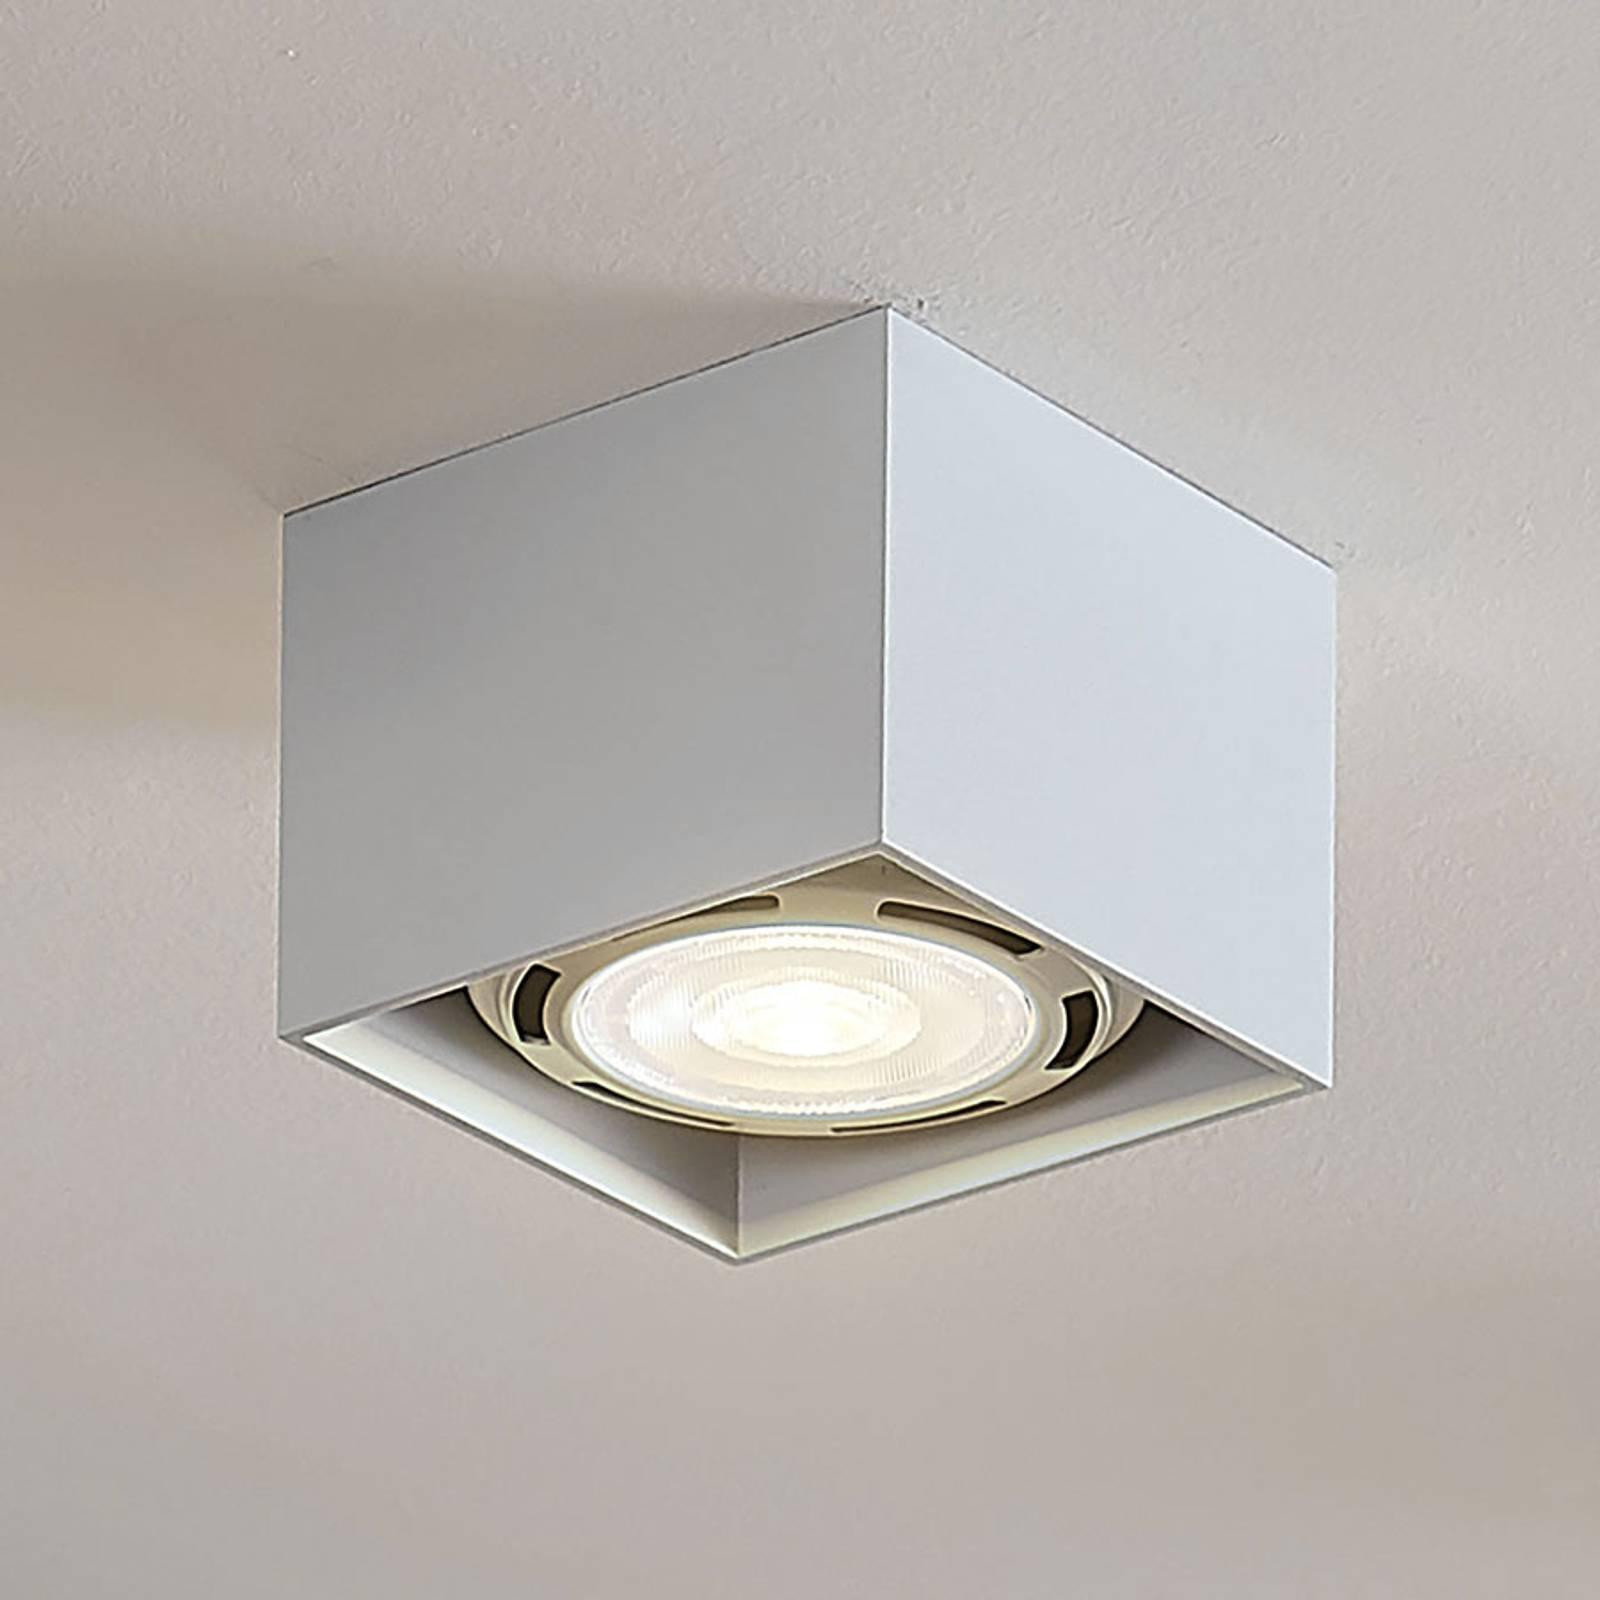 LED-kattospotti Mabel, kulmikas, valkoinen